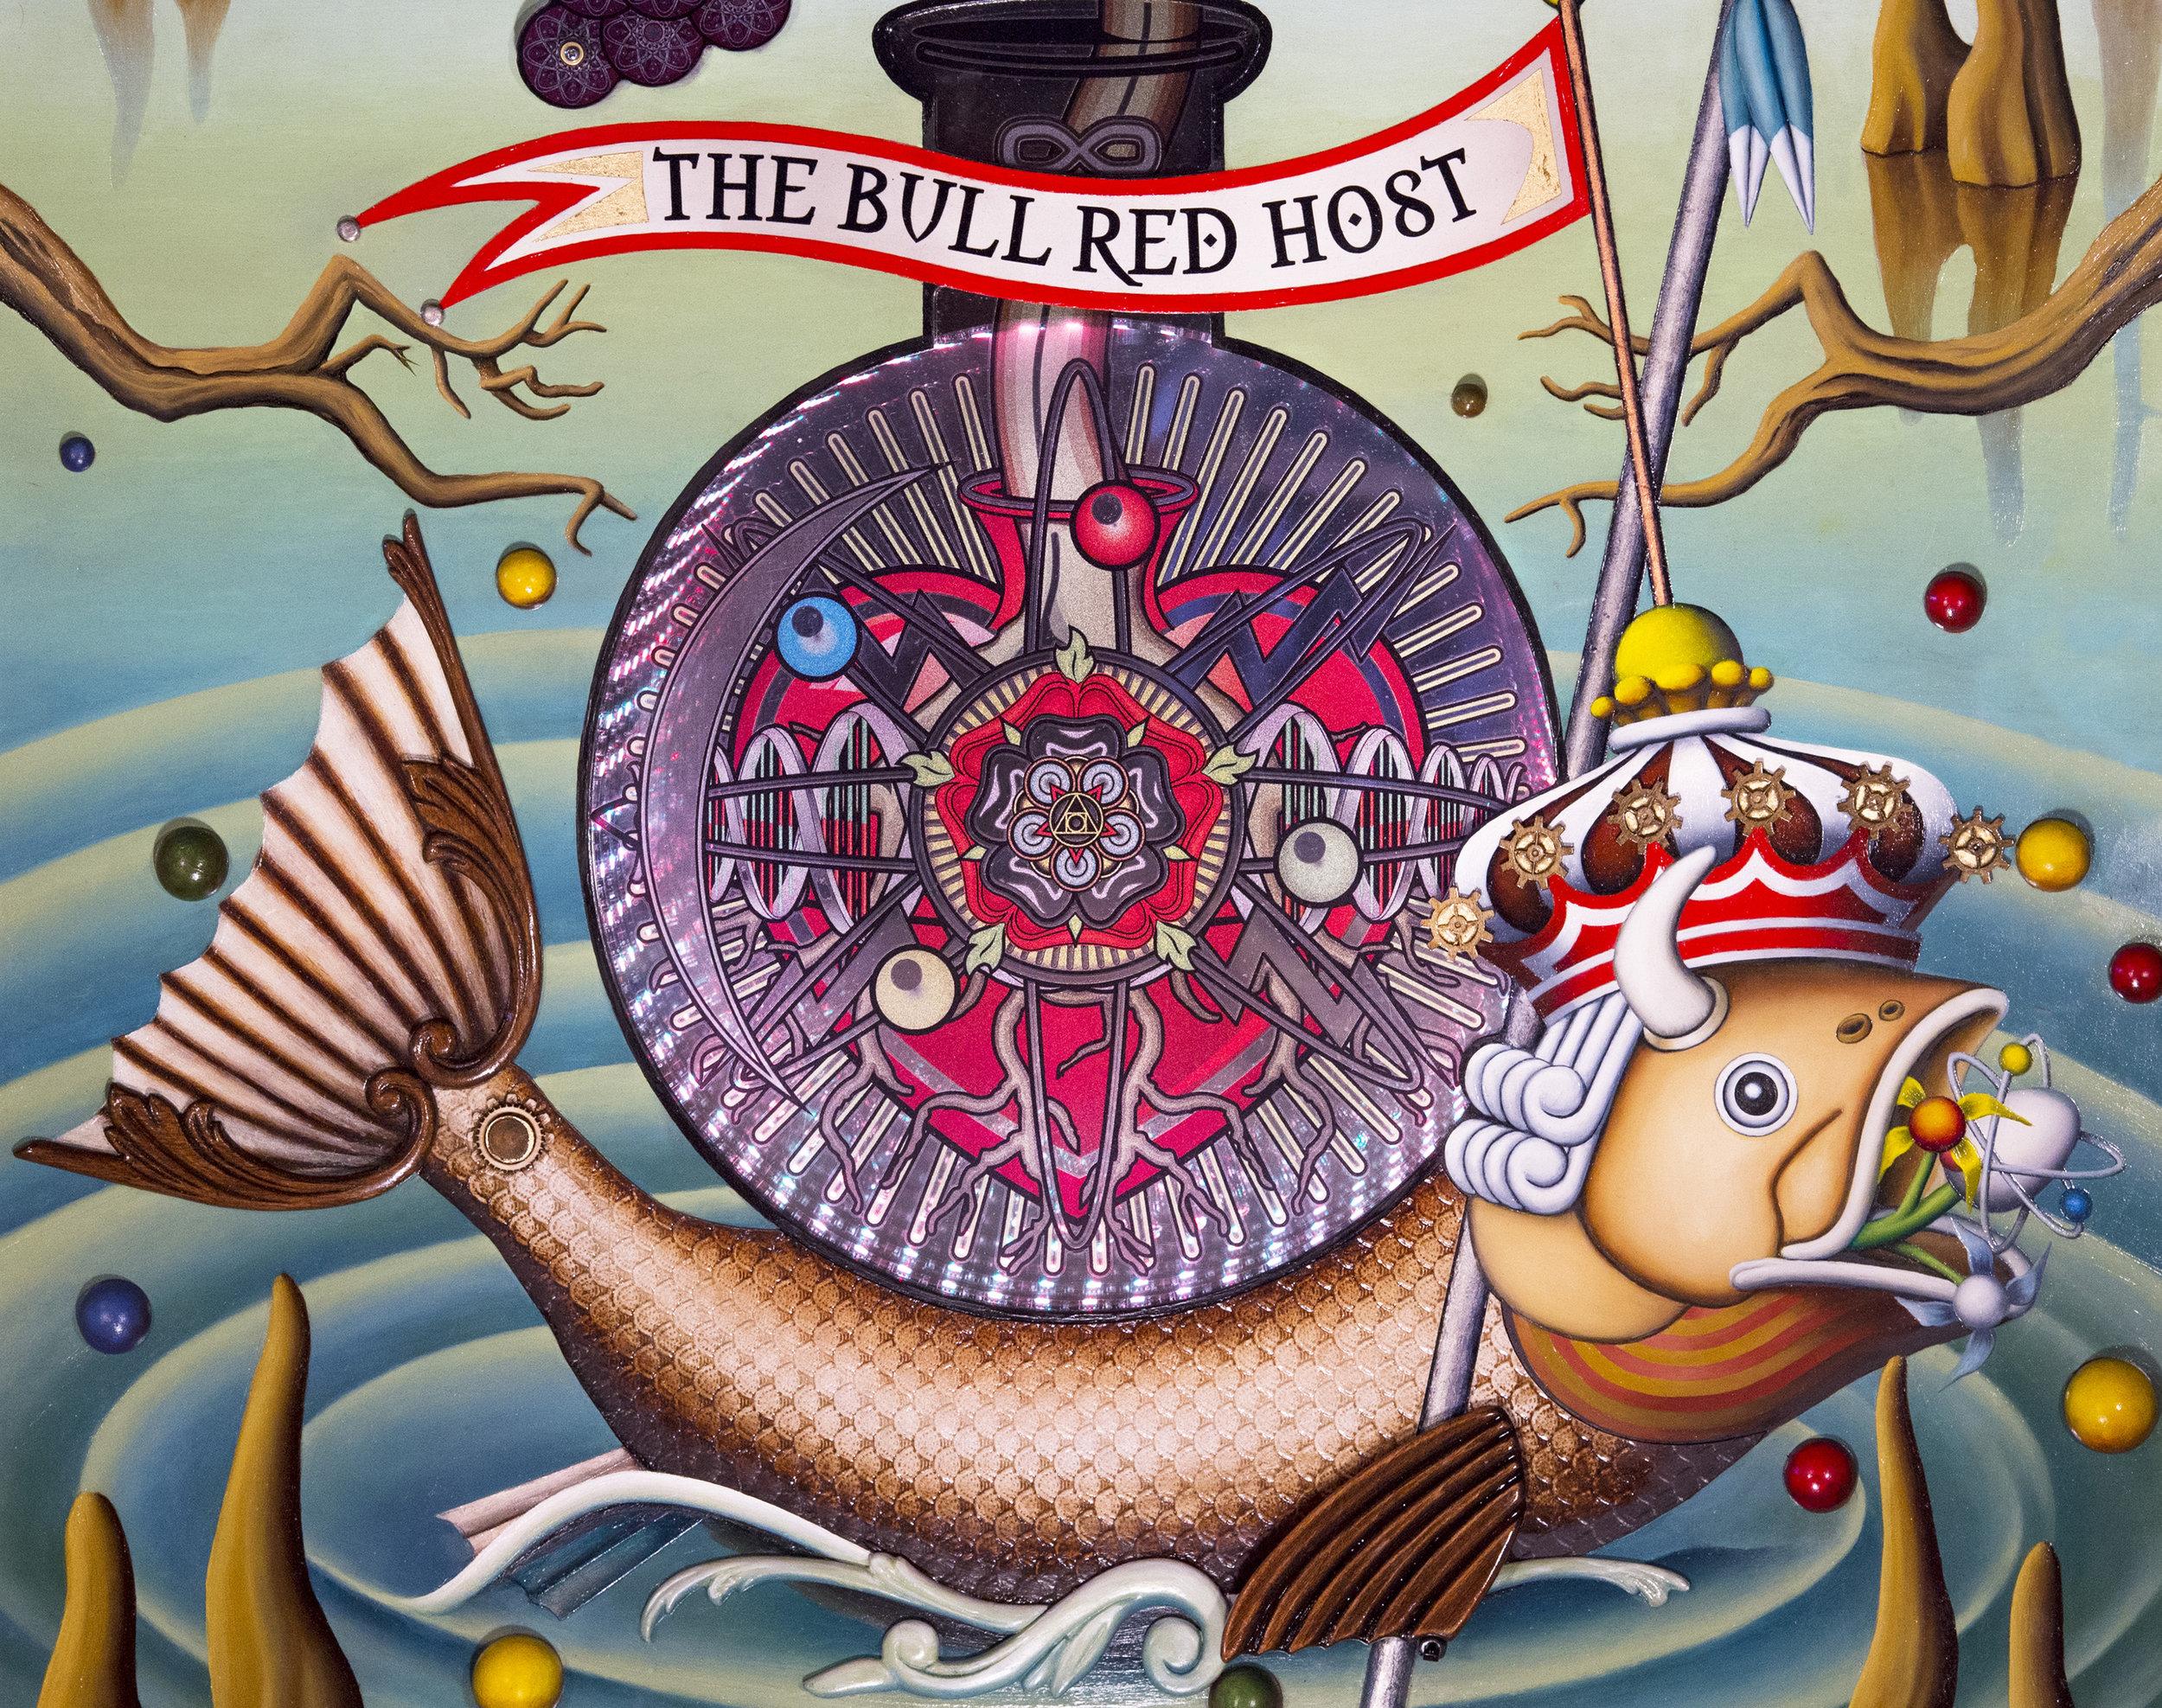 The Bull Red Host-detail